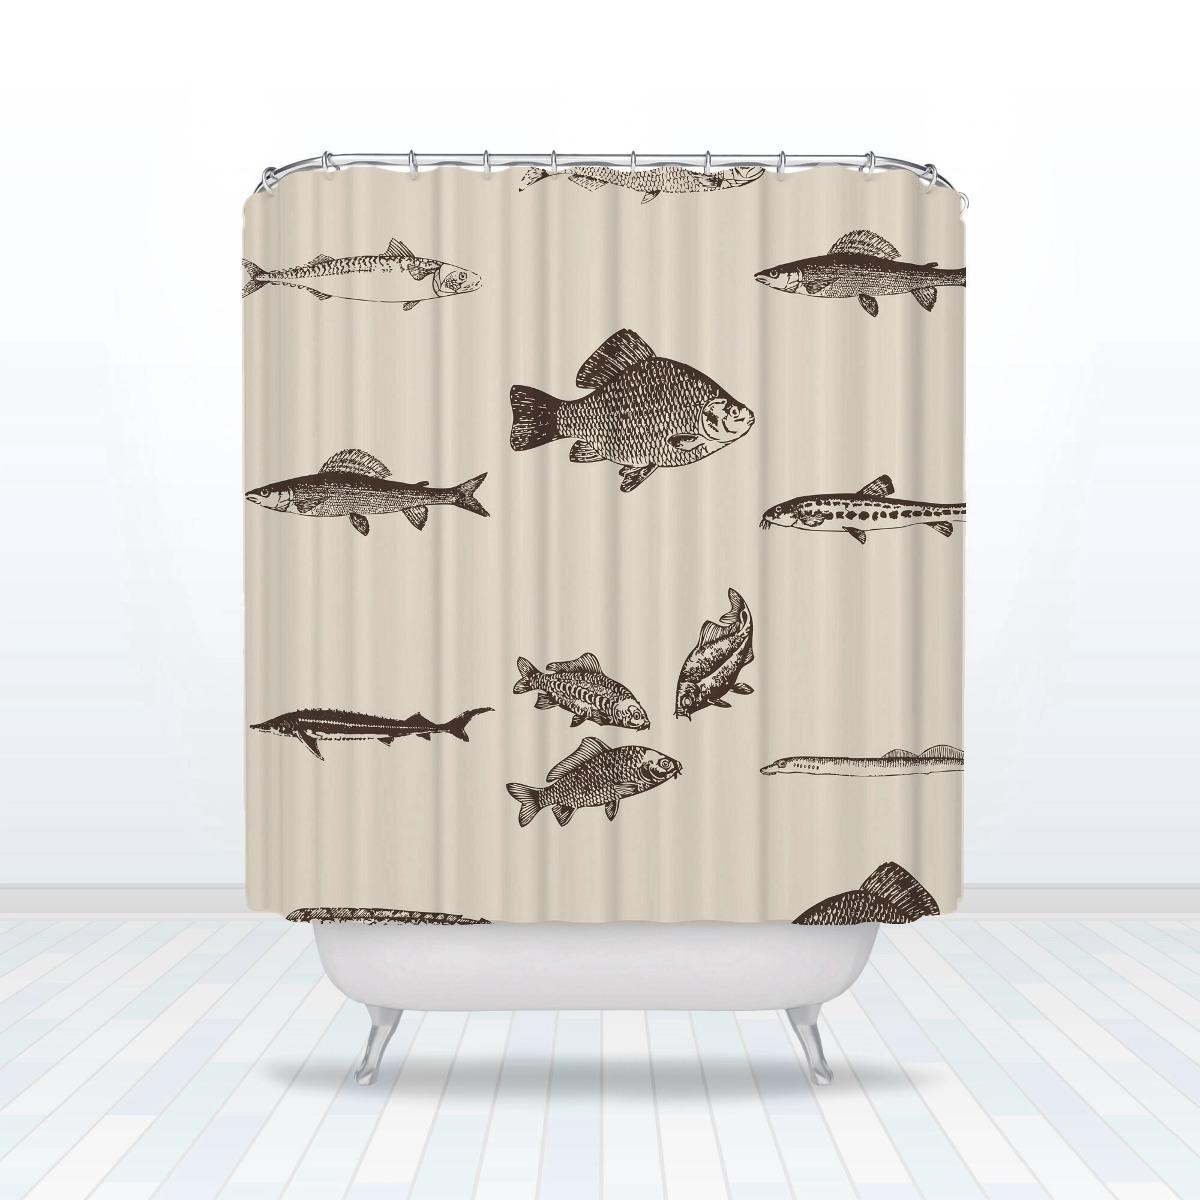 Cortinas De Baño Ofertas:Oferta Cortinas De Baño Únicas Diseños Originales – $ 25000 en